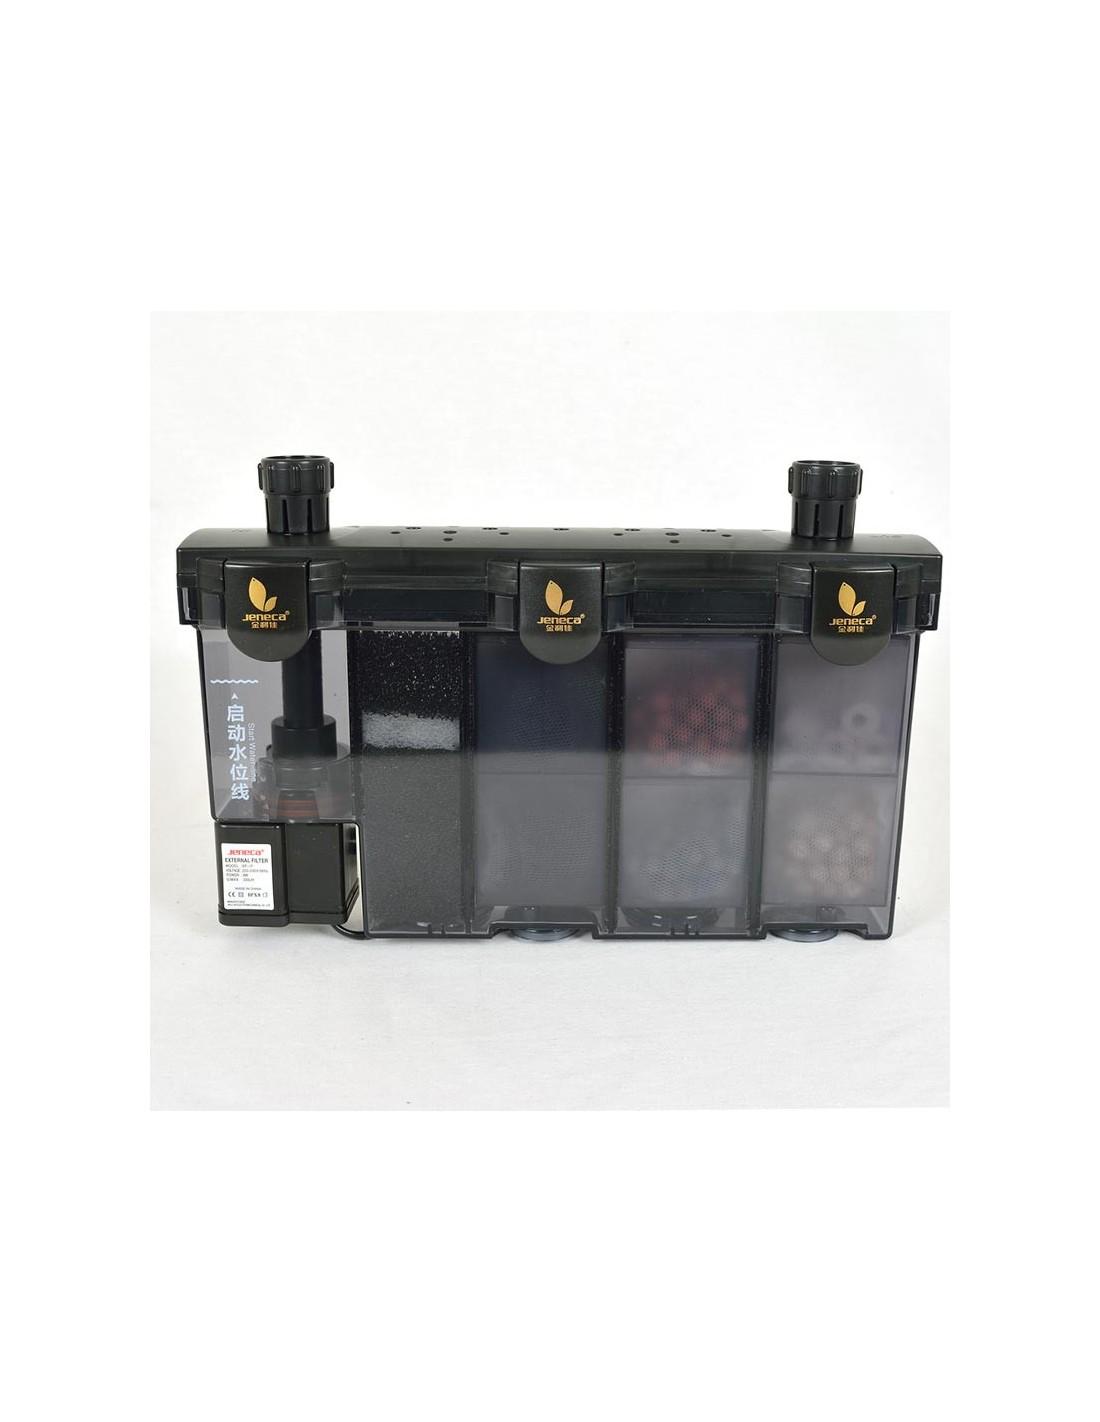 Pompa filtro esterno multifunzione con filtro bio chimico for Pompa tartarughiera